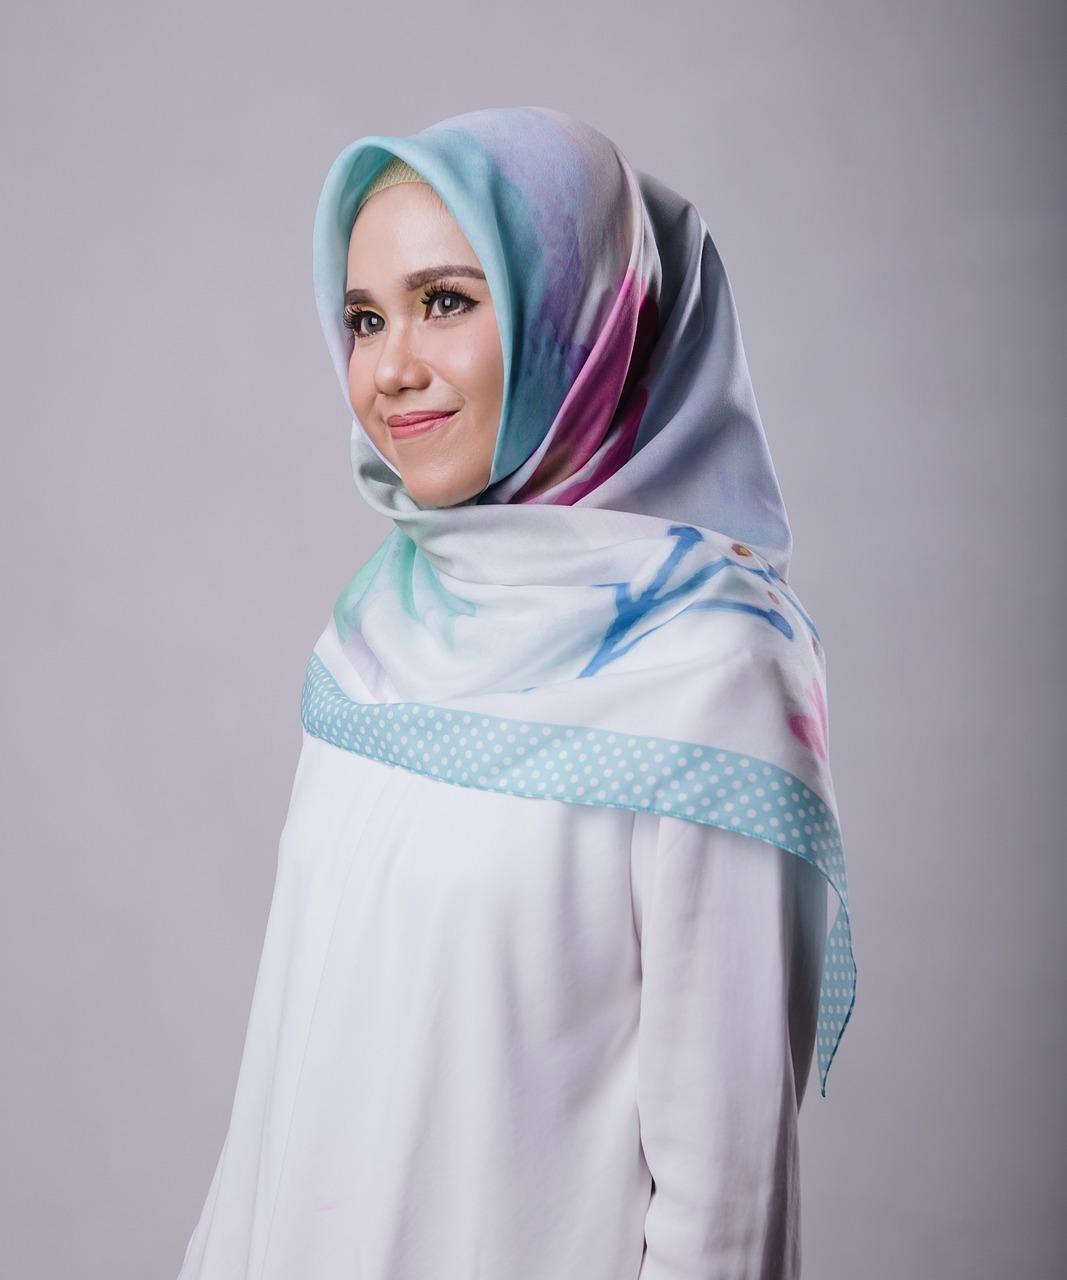 Burkakielto leviää Euroopassa: Musliminaisten pukeutumiseen puututaan monessa maassa